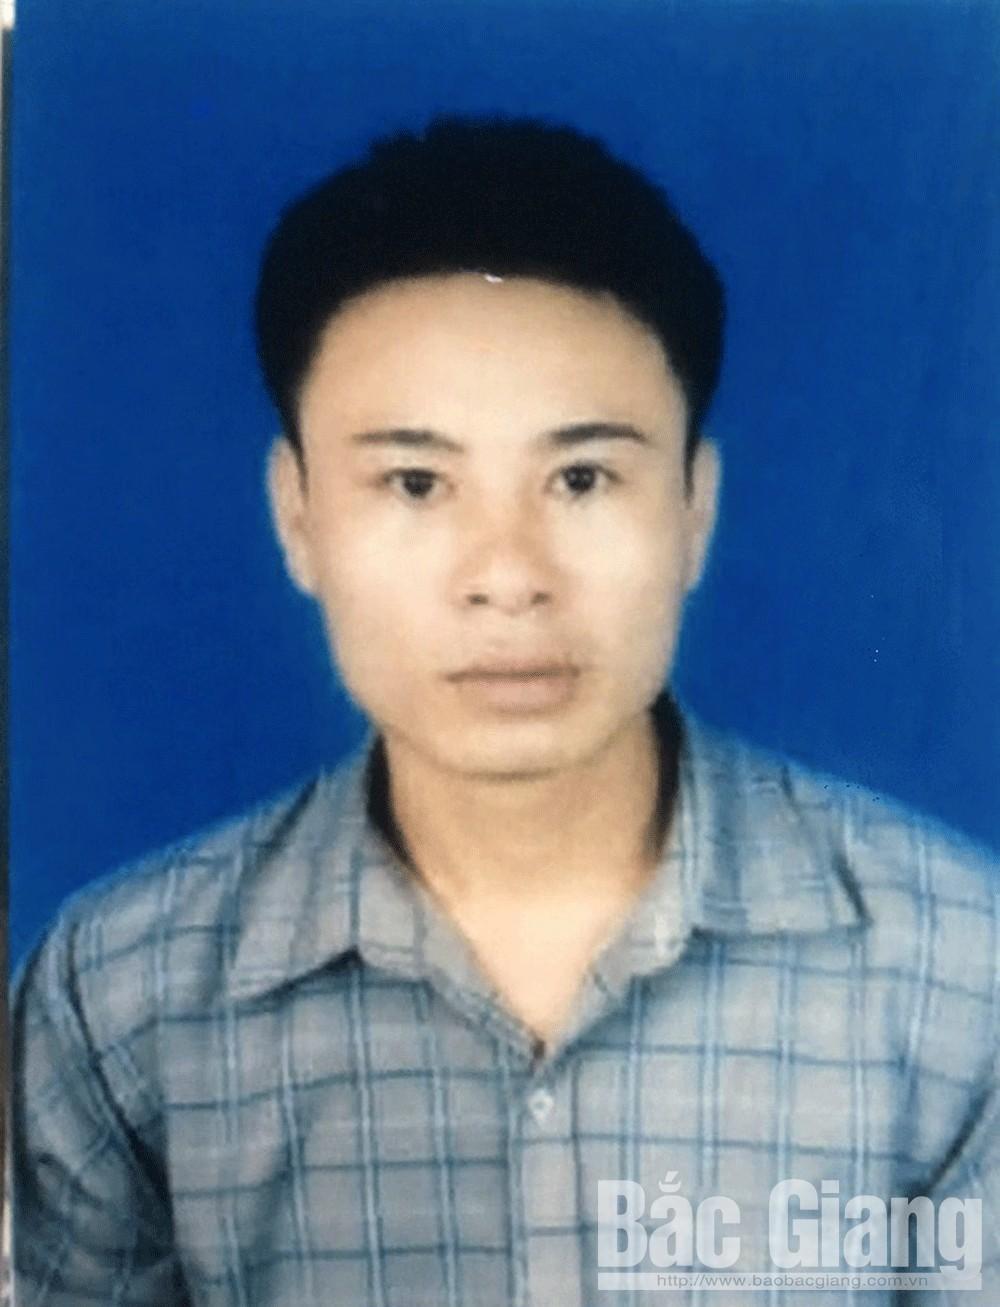 Ma túy, Lạng Giang, Tân Yên, Công an tỉnh Bắc Giang, Vũ Văn Hiếu, Lương Cao Hùng